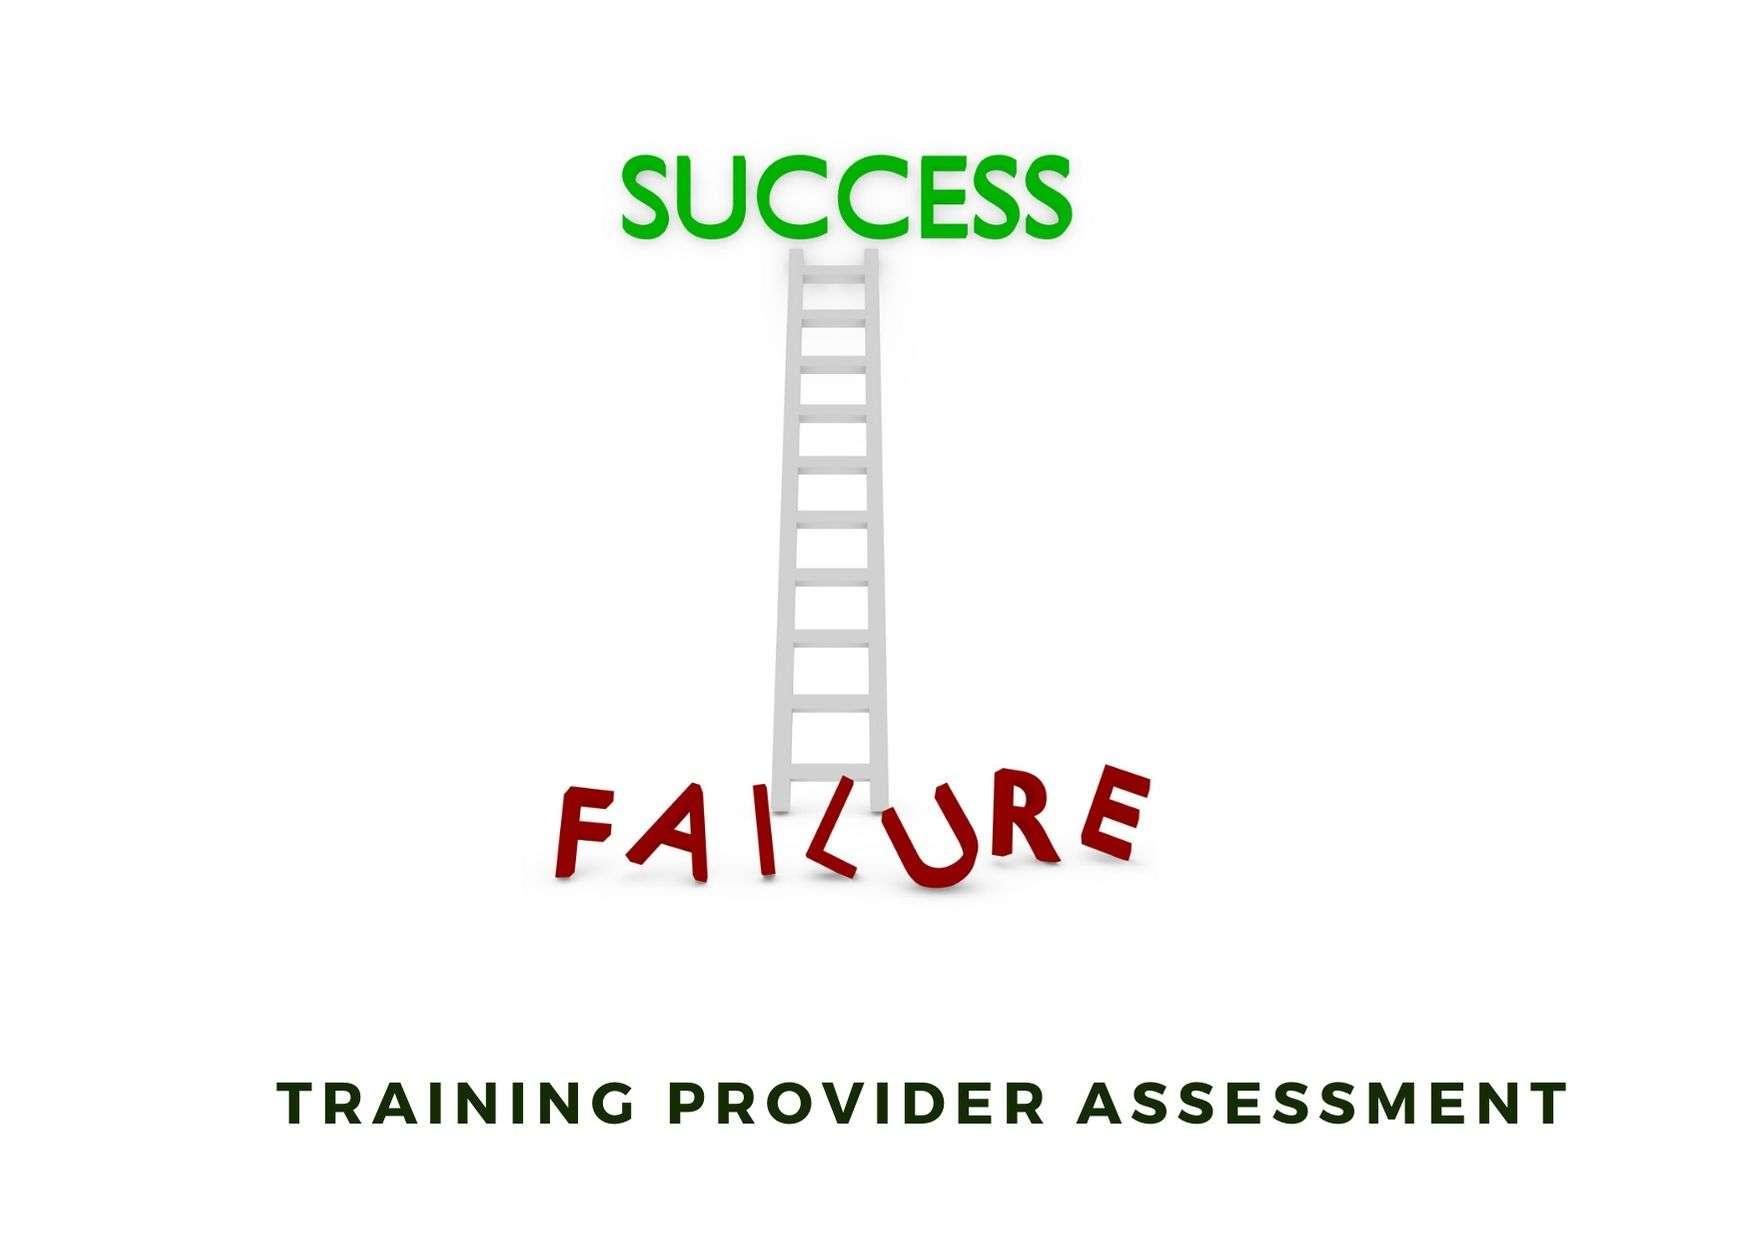 Training provider assessment